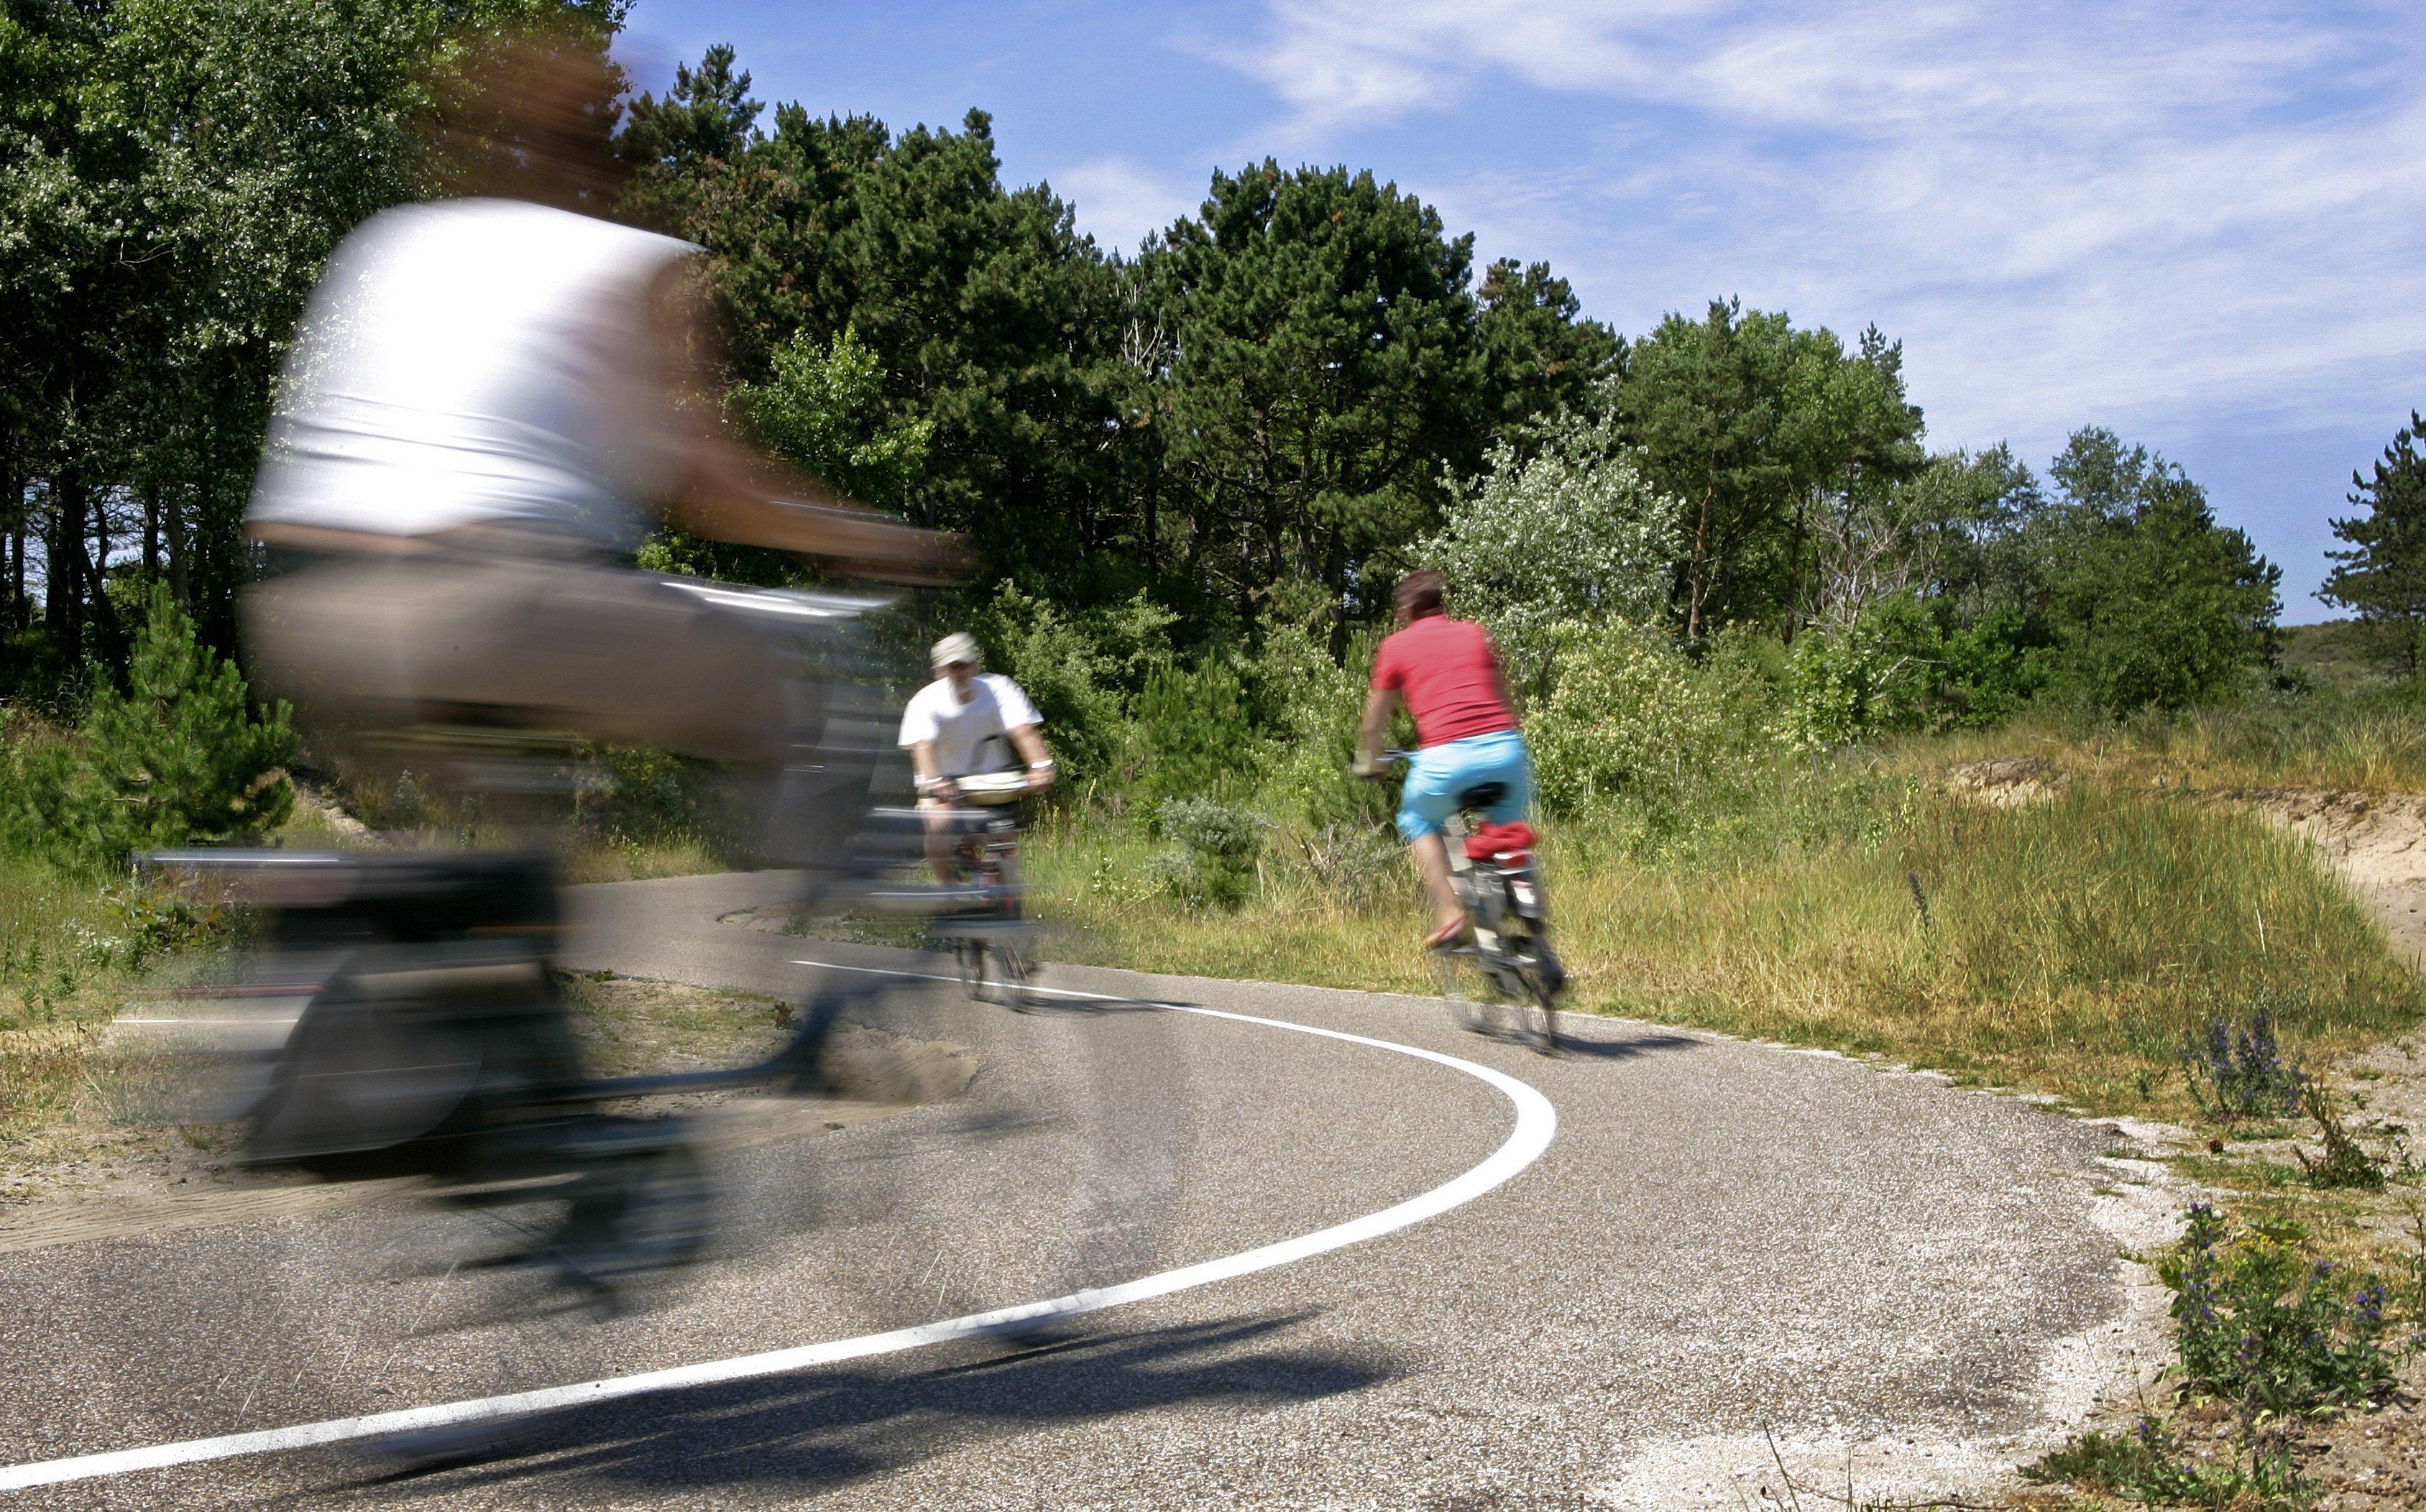 Lezersoproep: is het tegenwoordig te druk op het fietspad? Hoe ziet het fietspad van de toekomst eruit?